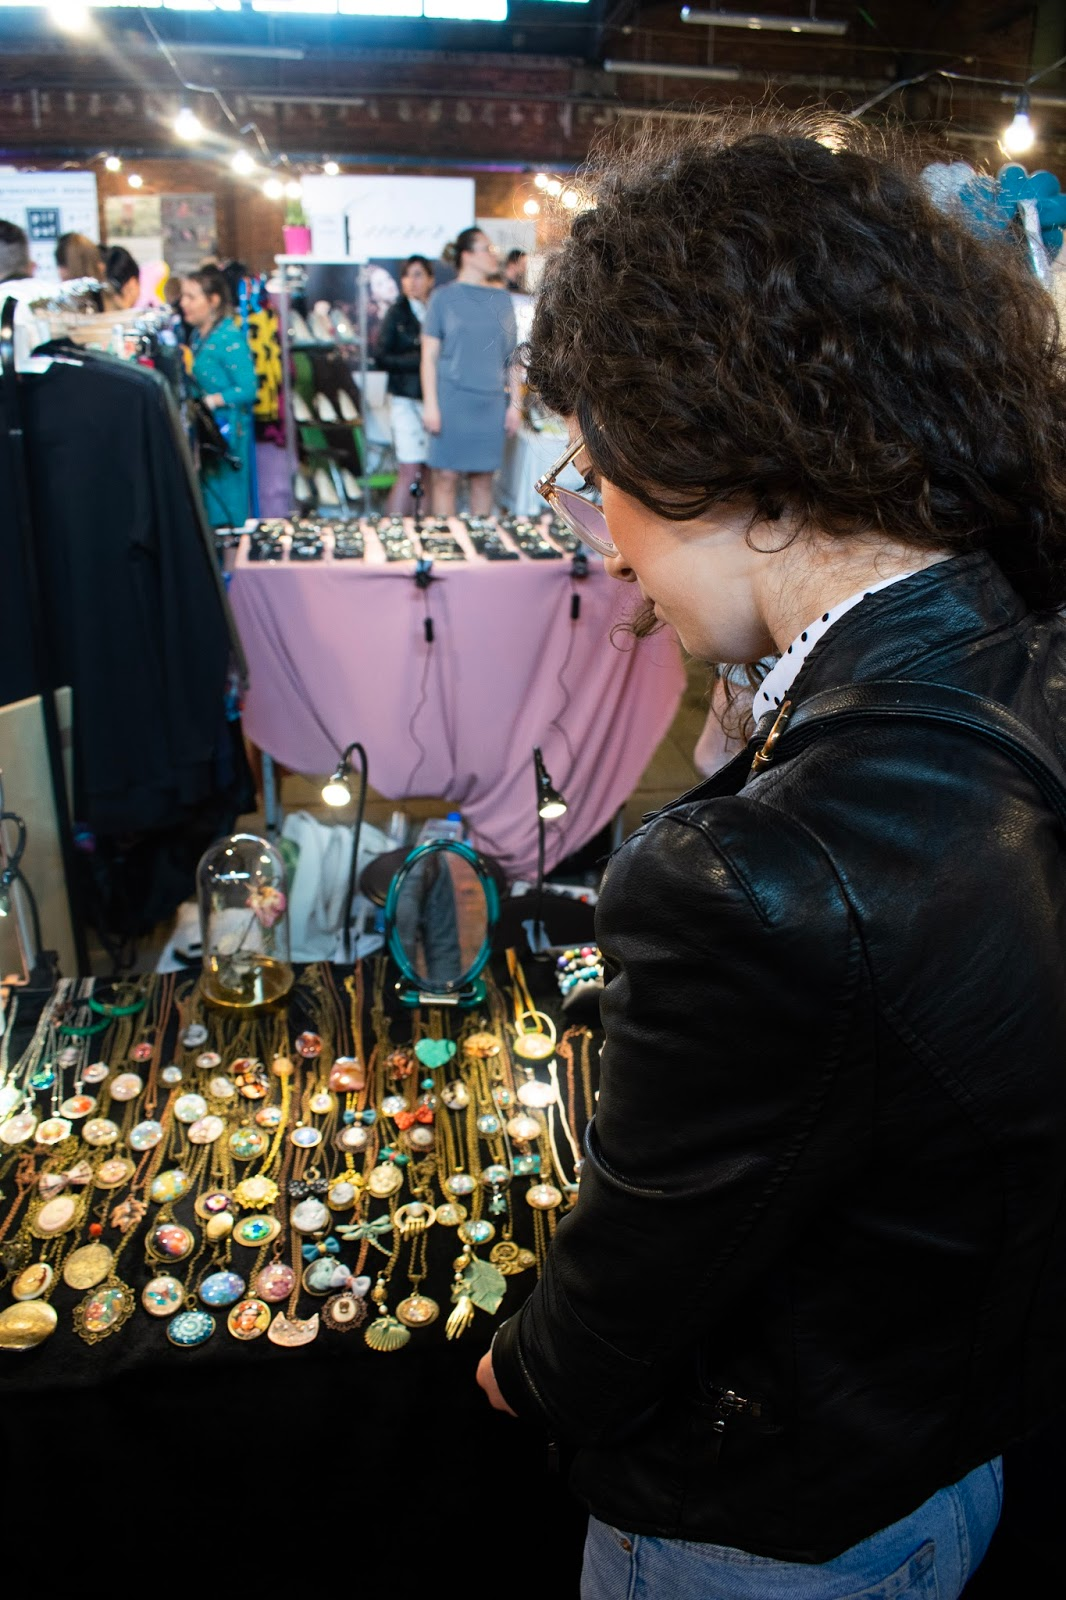 kwiaty i kropka, mydlarnia cztery szpaki, bali clicks, klucz do ogrodu, mydło stacja, sweetbath, Vintispace, Querer, alchemia lasu, Fashion meeting, naturalne kosmetyki, zajezdbia dąbie, wrocław, zakreecona, zakreecona.pl targi modowe, targi kosmetyczne, natural, Aniesbrand,